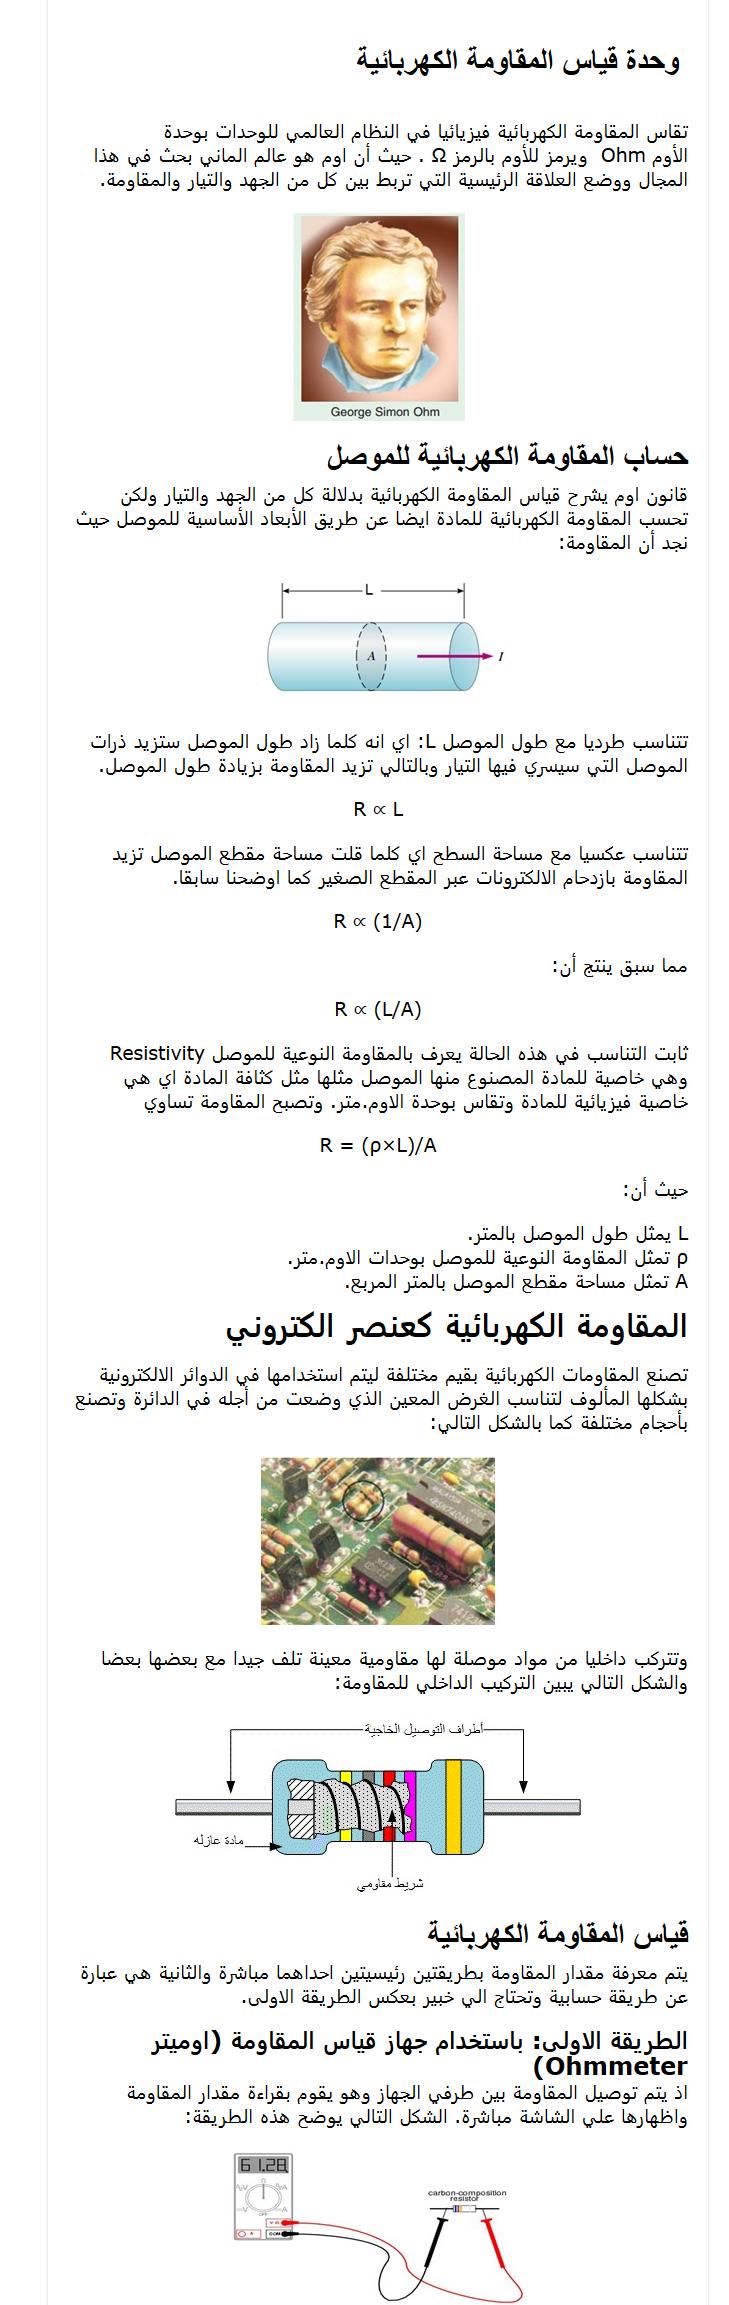 شرح قانون أوم / المقاومة النوعية فيديو - فيزياء الثانوية العامة نظام جديد أ/ علي إسماعيل 1230